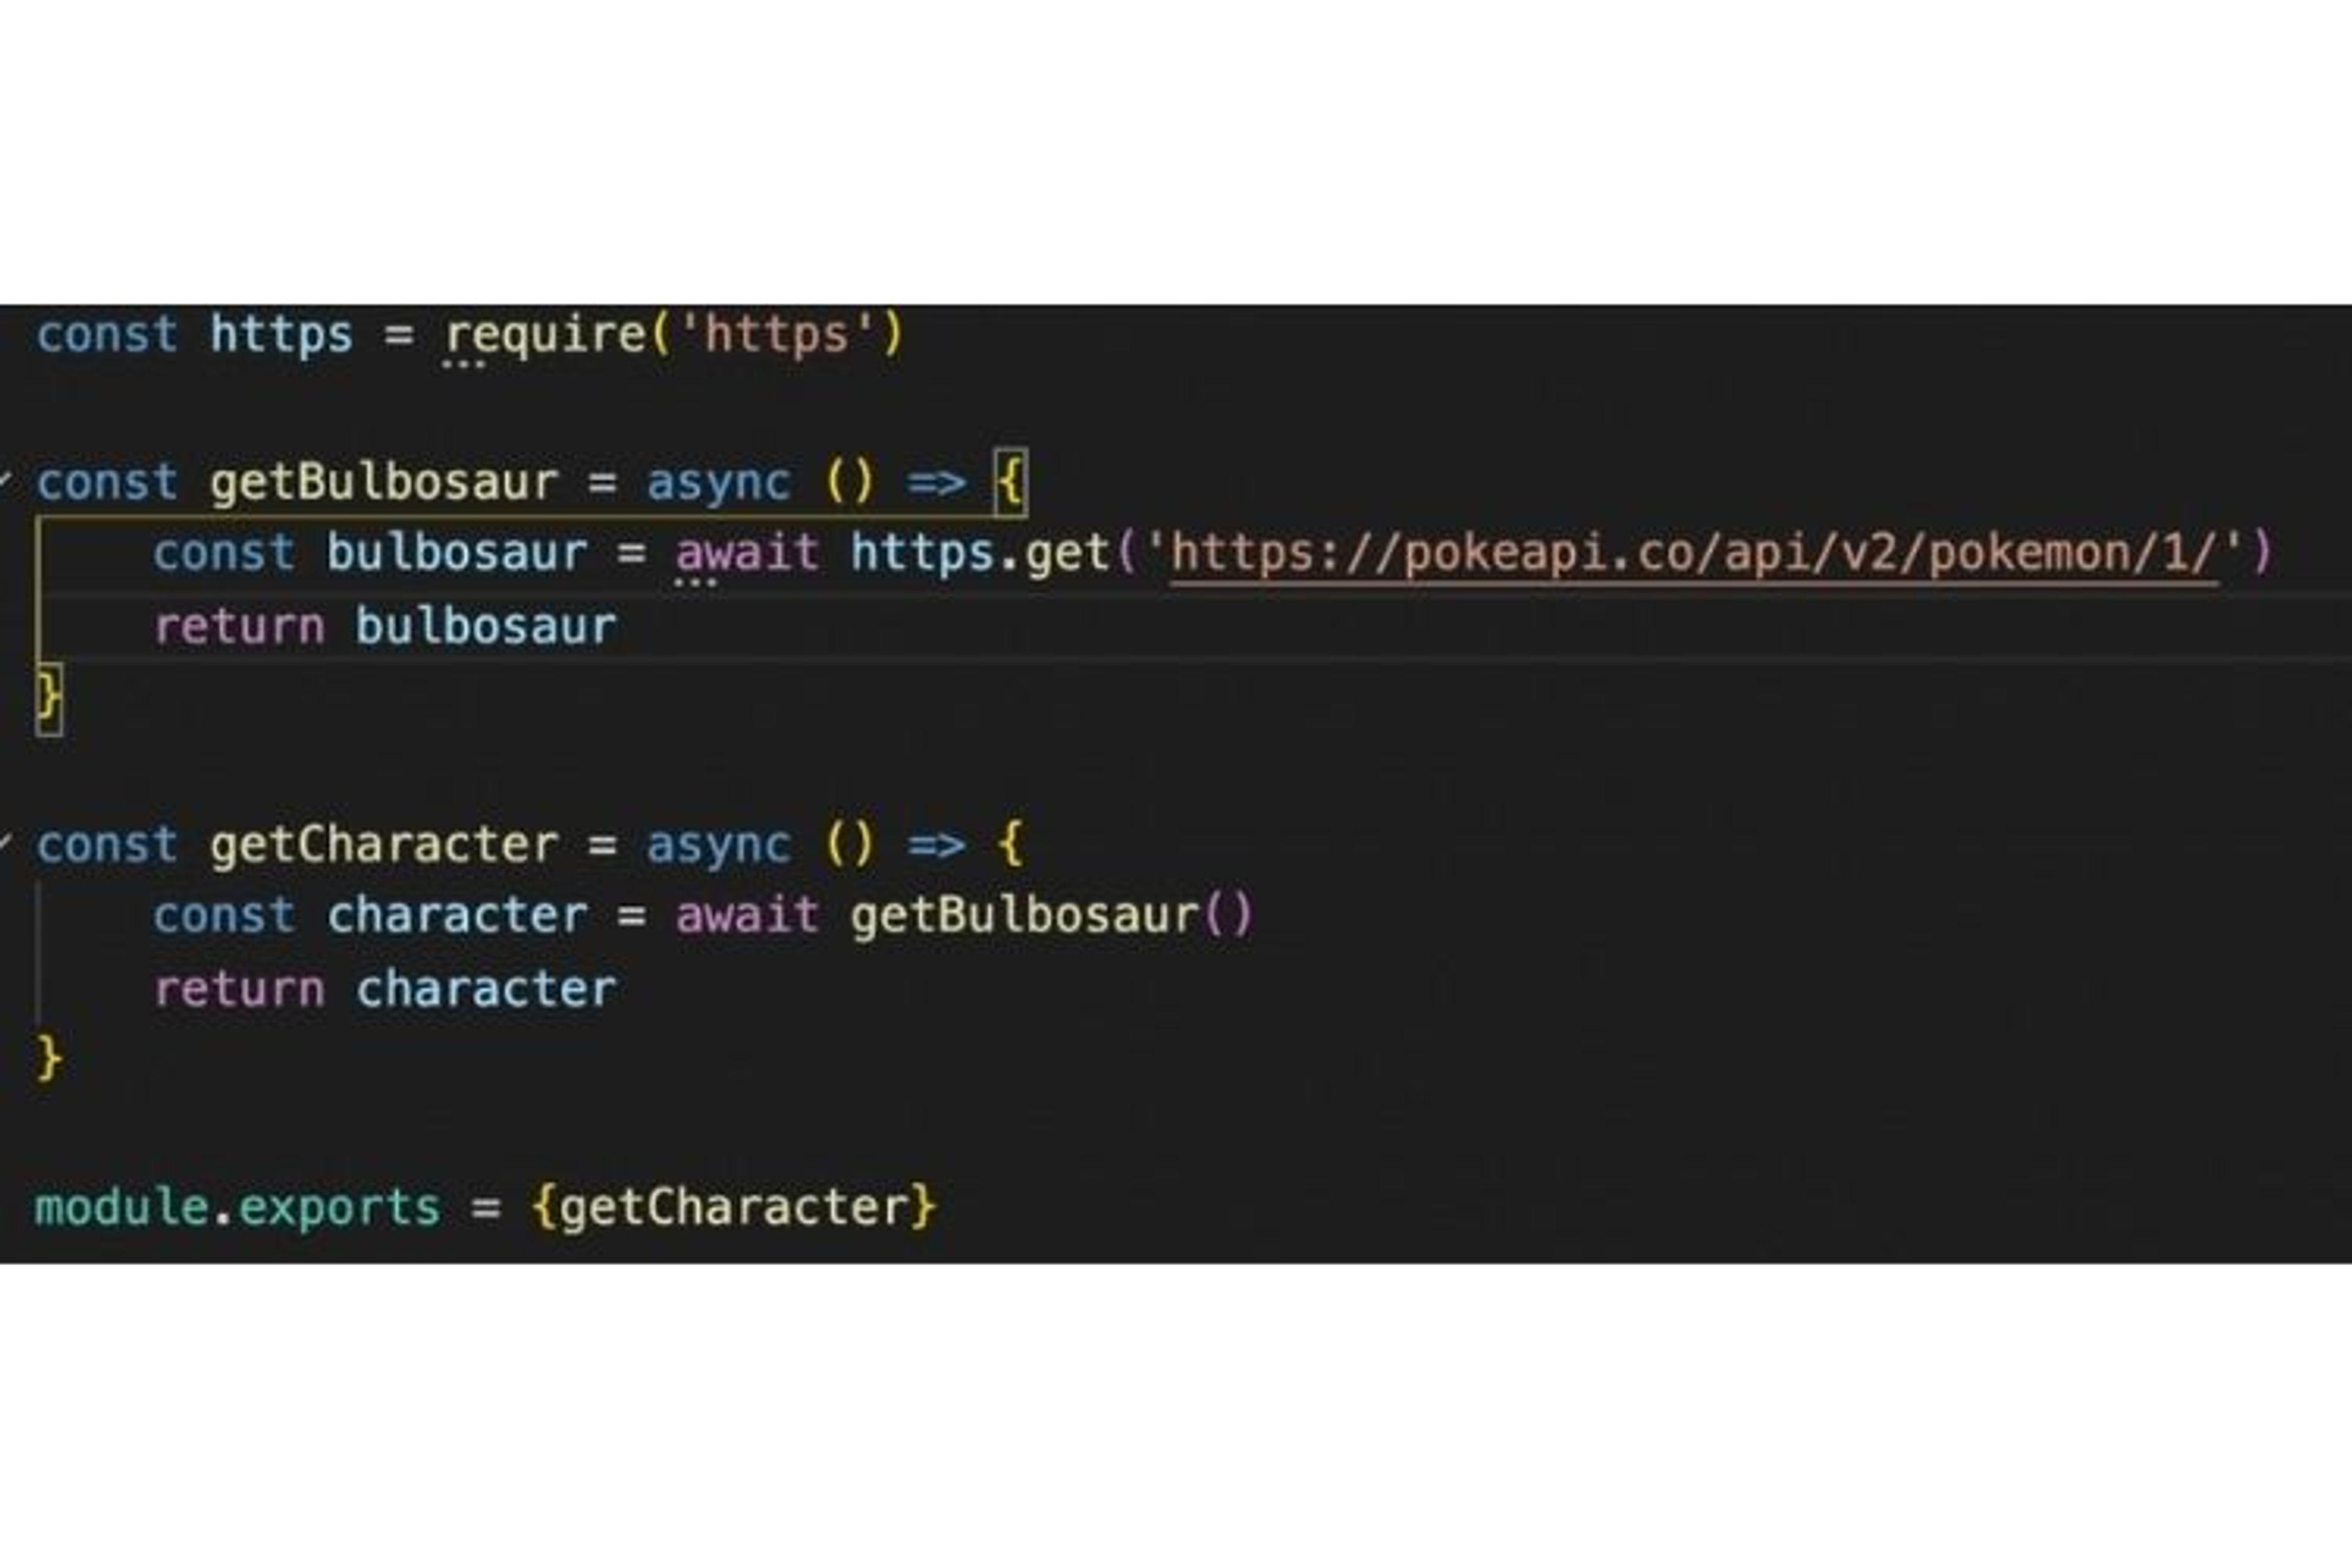 la fonction getBulbosaur fait un appel vers une API externe, chose qu'on ne doit pas tester